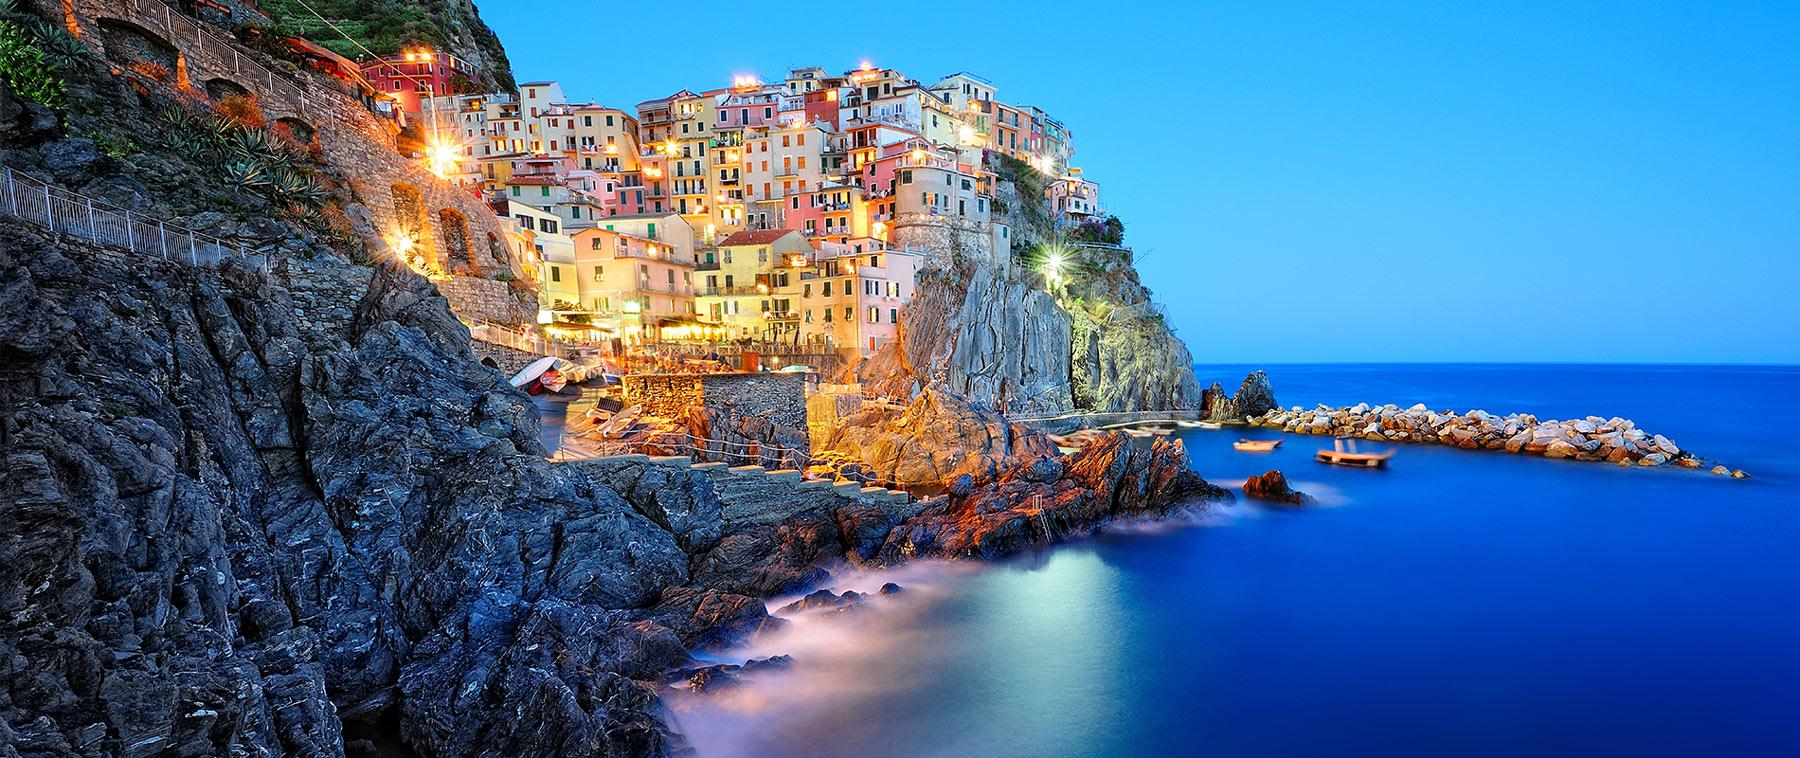 Golfe de Gênes et les « Cinque Terre » à partir de 599 € TTC